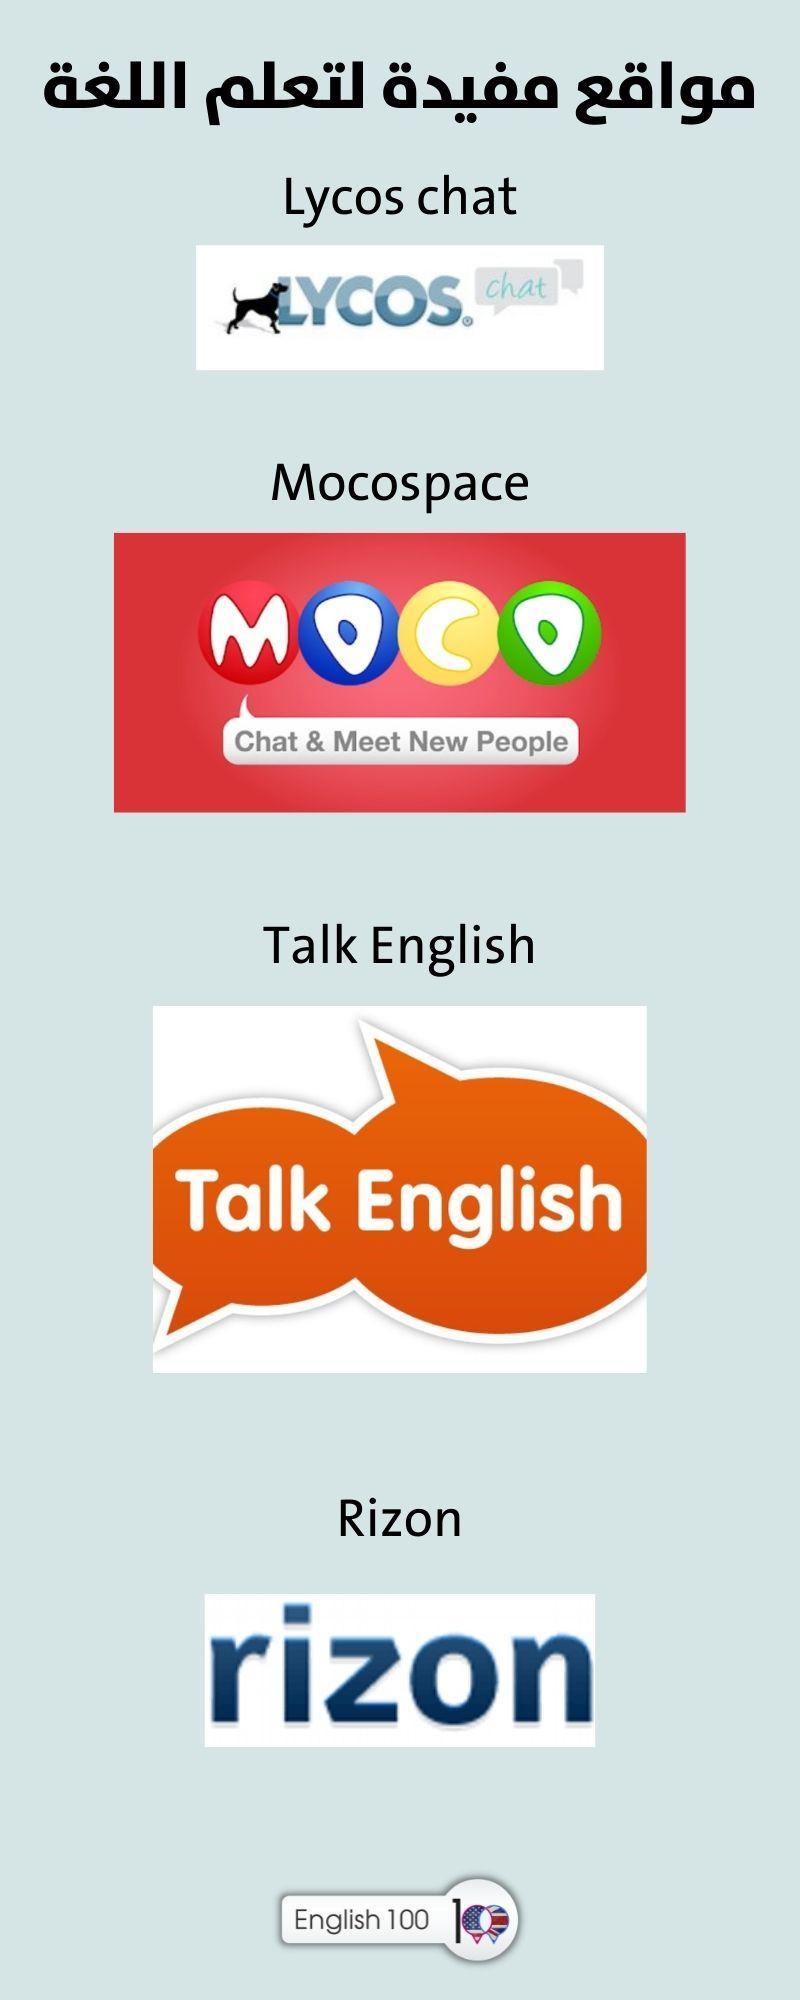 تعليم التحدث بالانجليزي Teach English Speaking